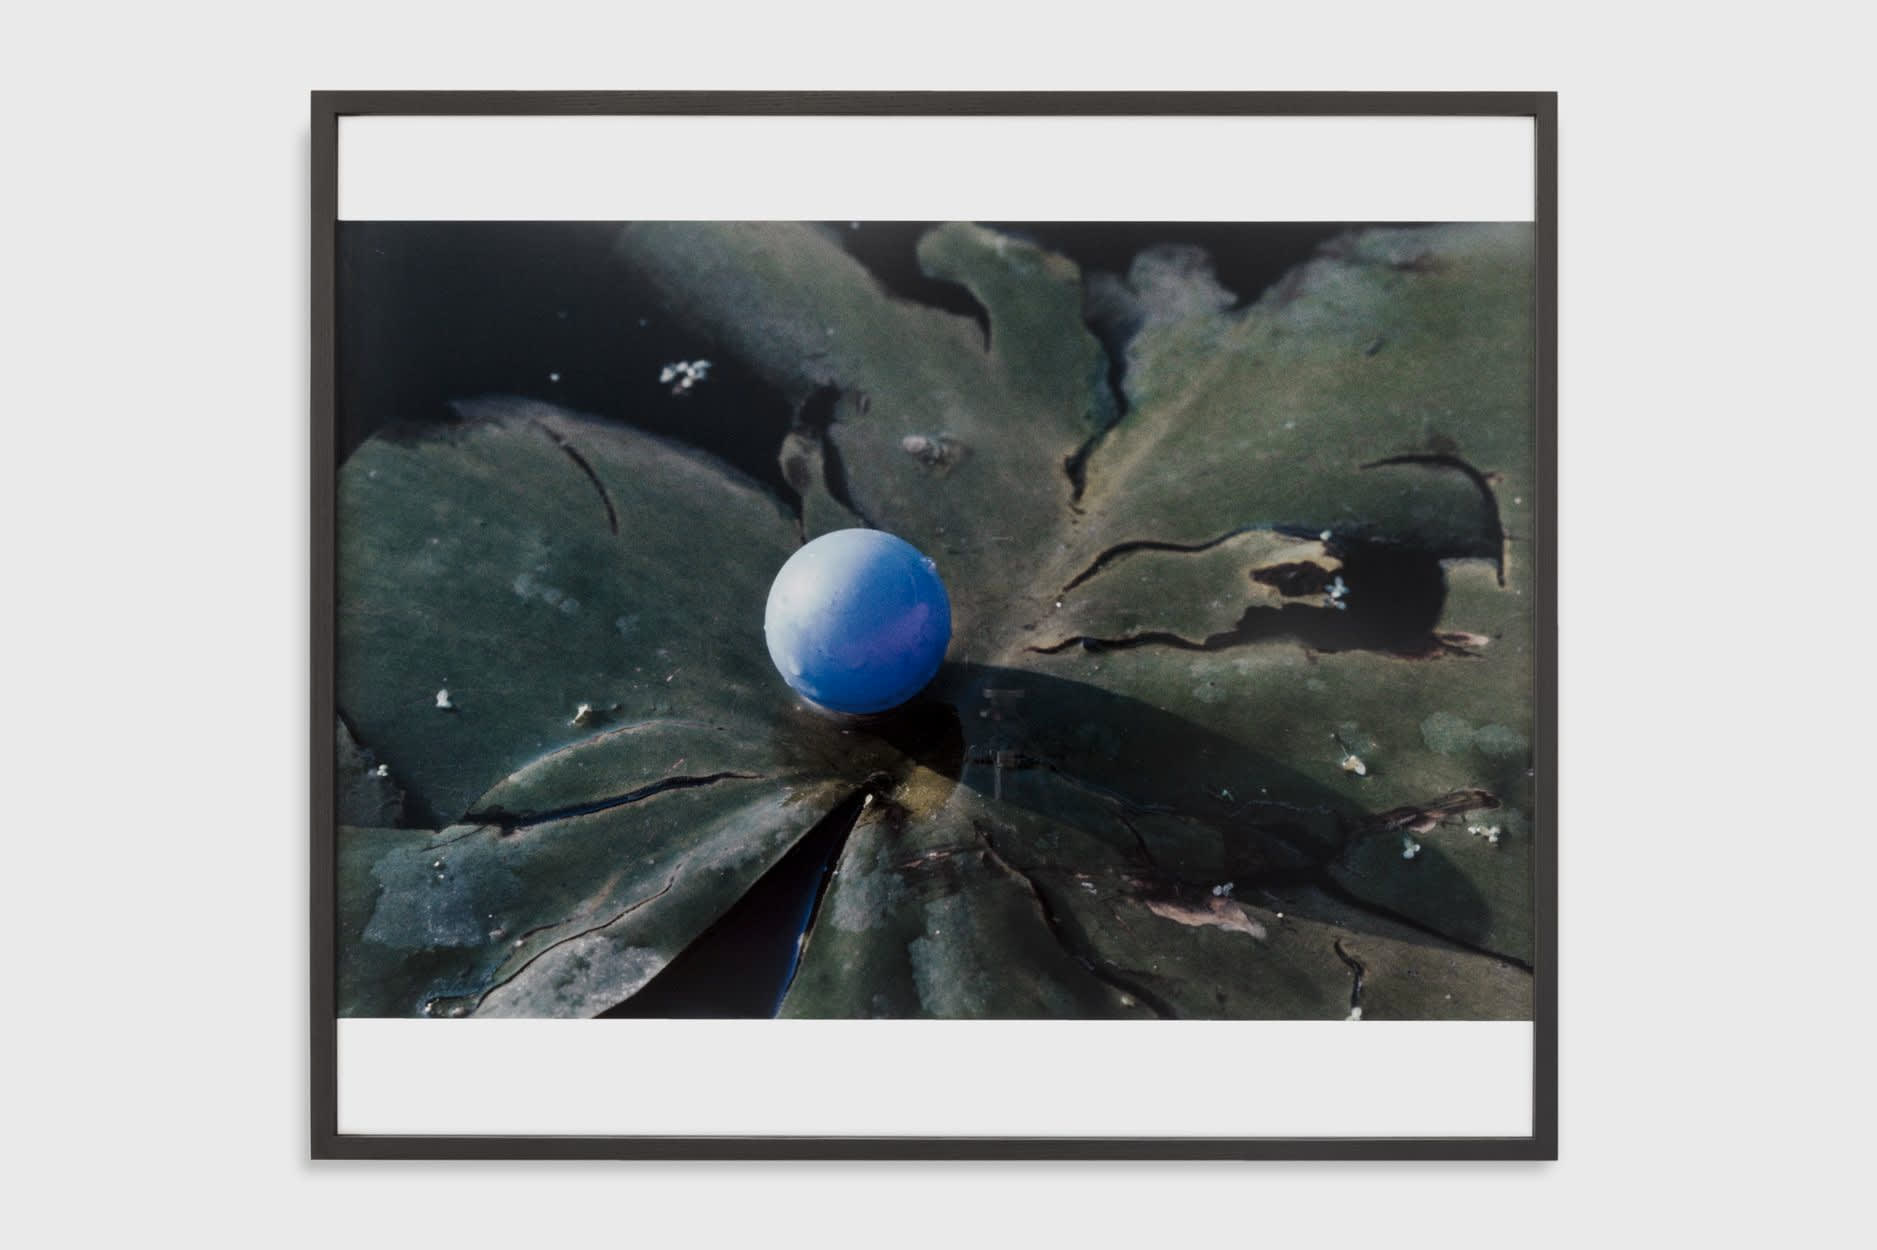 Lothar Baumgarten, Pupille (Eye ball), 1968